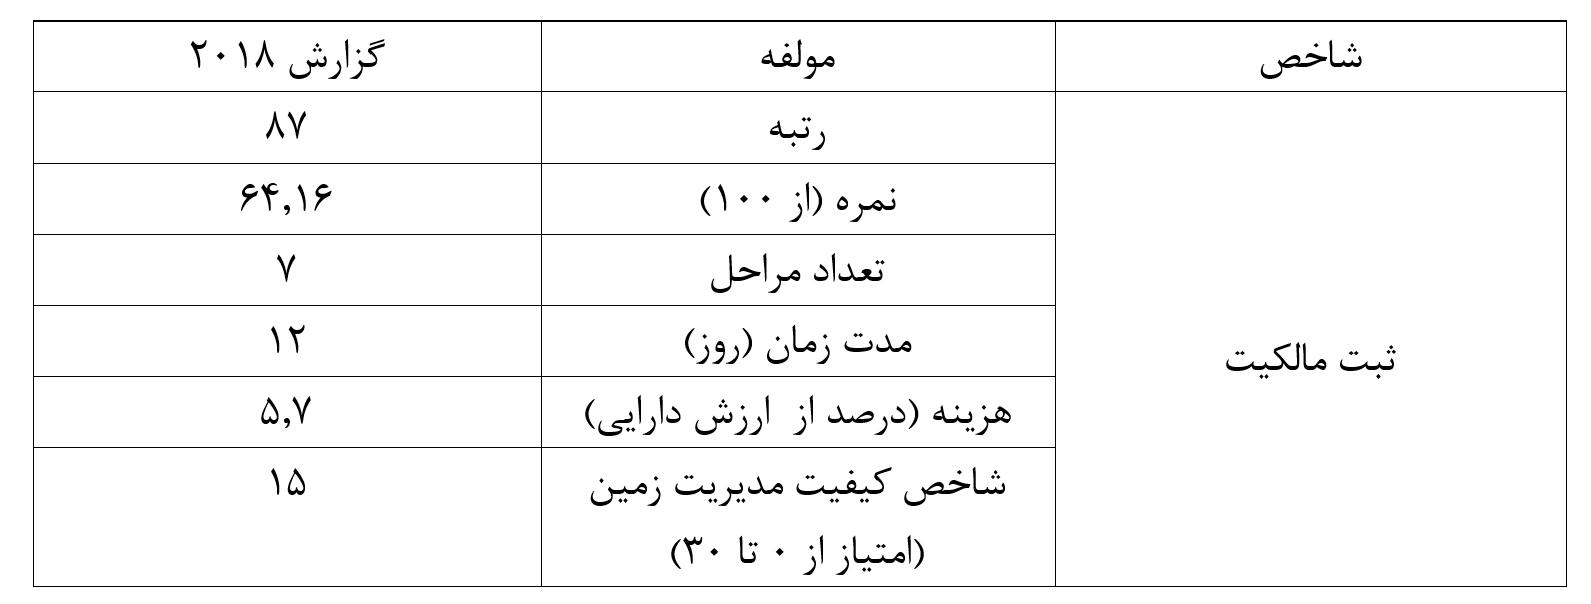 ثبت مالکیت فضای کسب و کار اقتصاد مقاومتی - فرآیند طولانی ثبت مالکیت، ترمز فضای کسب و کار ایران